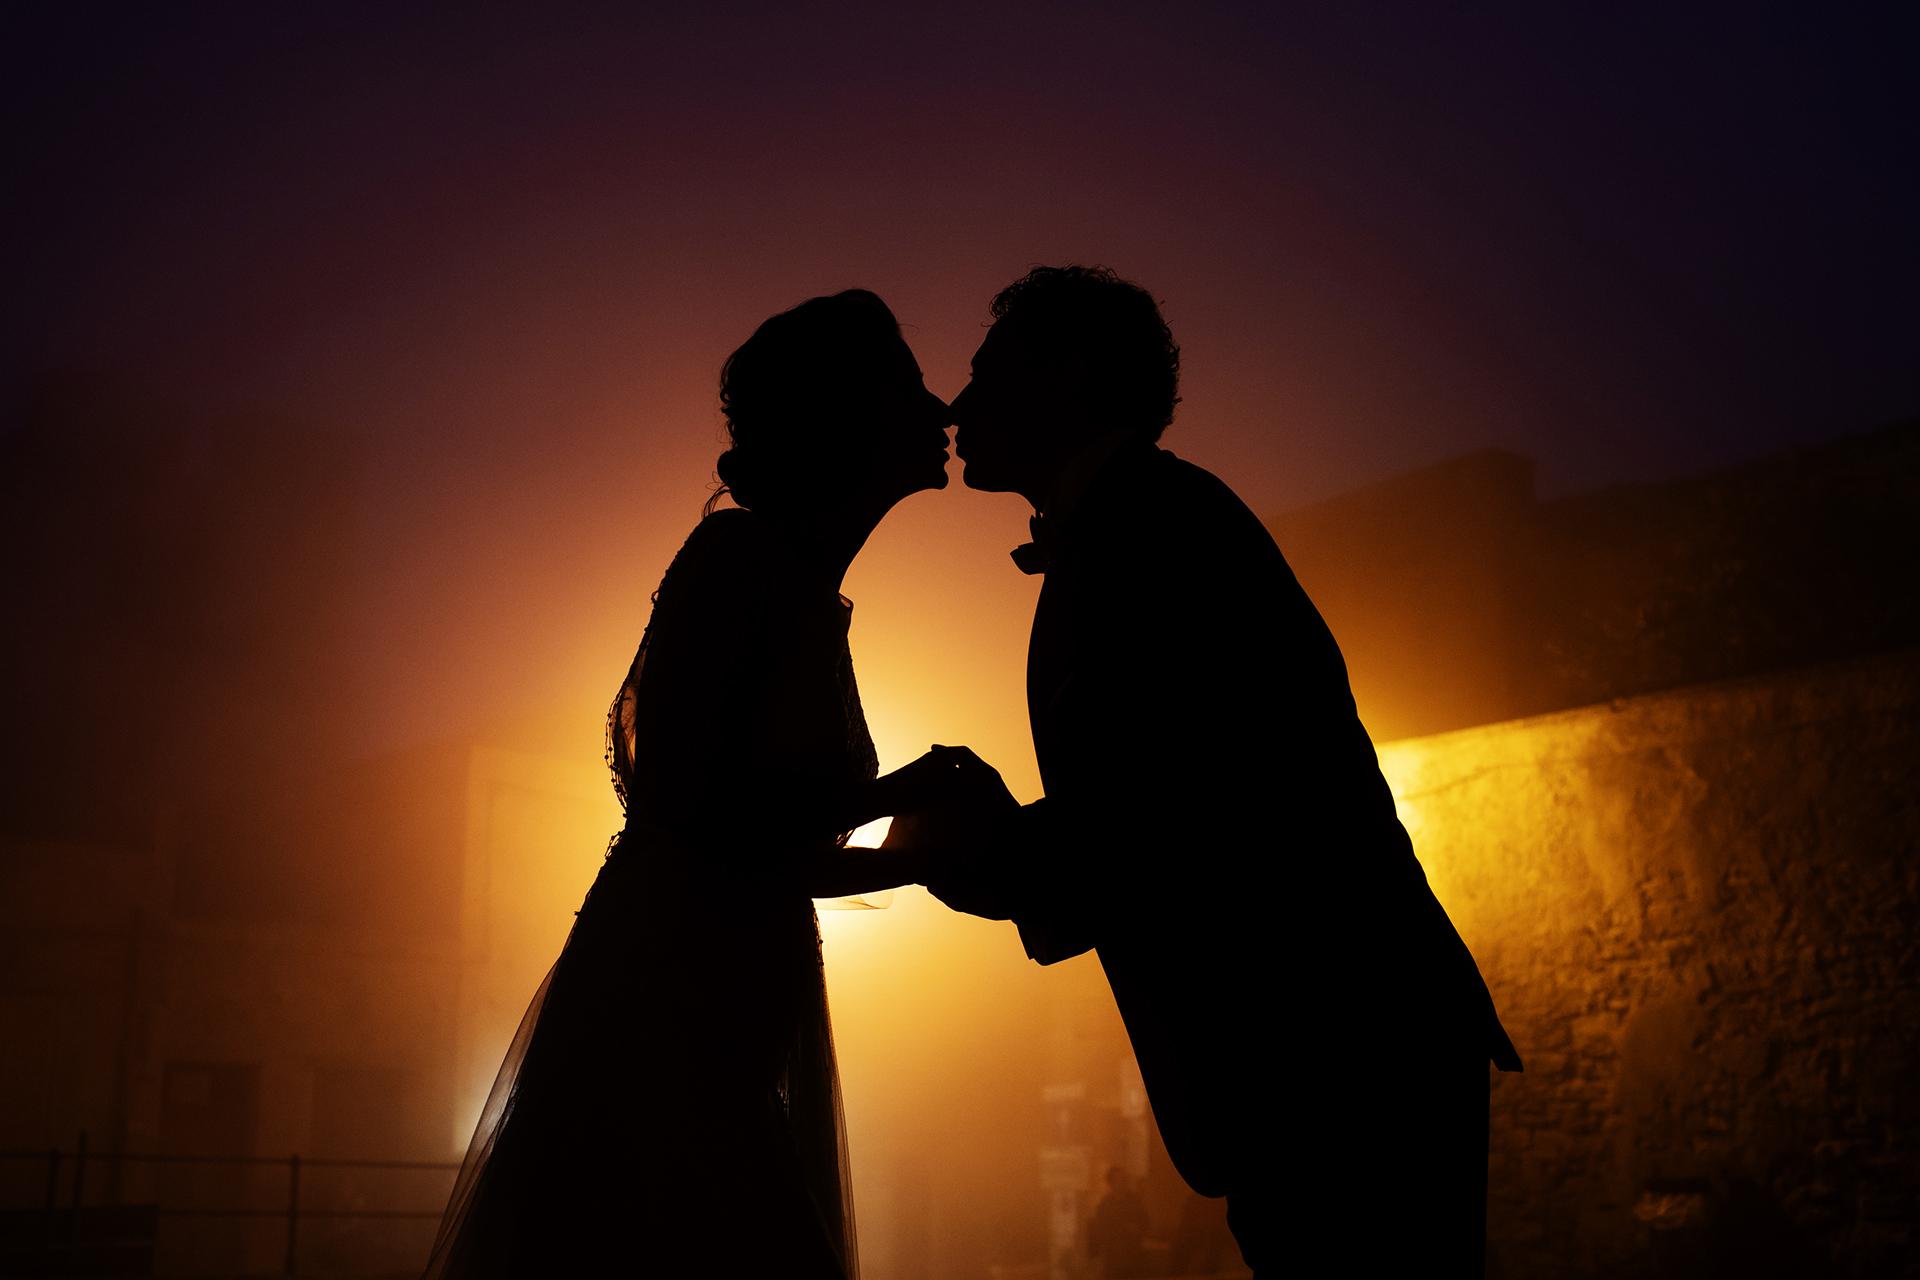 Sicilië, Italië Kleine bruidspaar portret | Een fotoshoot van de bruiloft op de berg Erice met de suggestieve mist